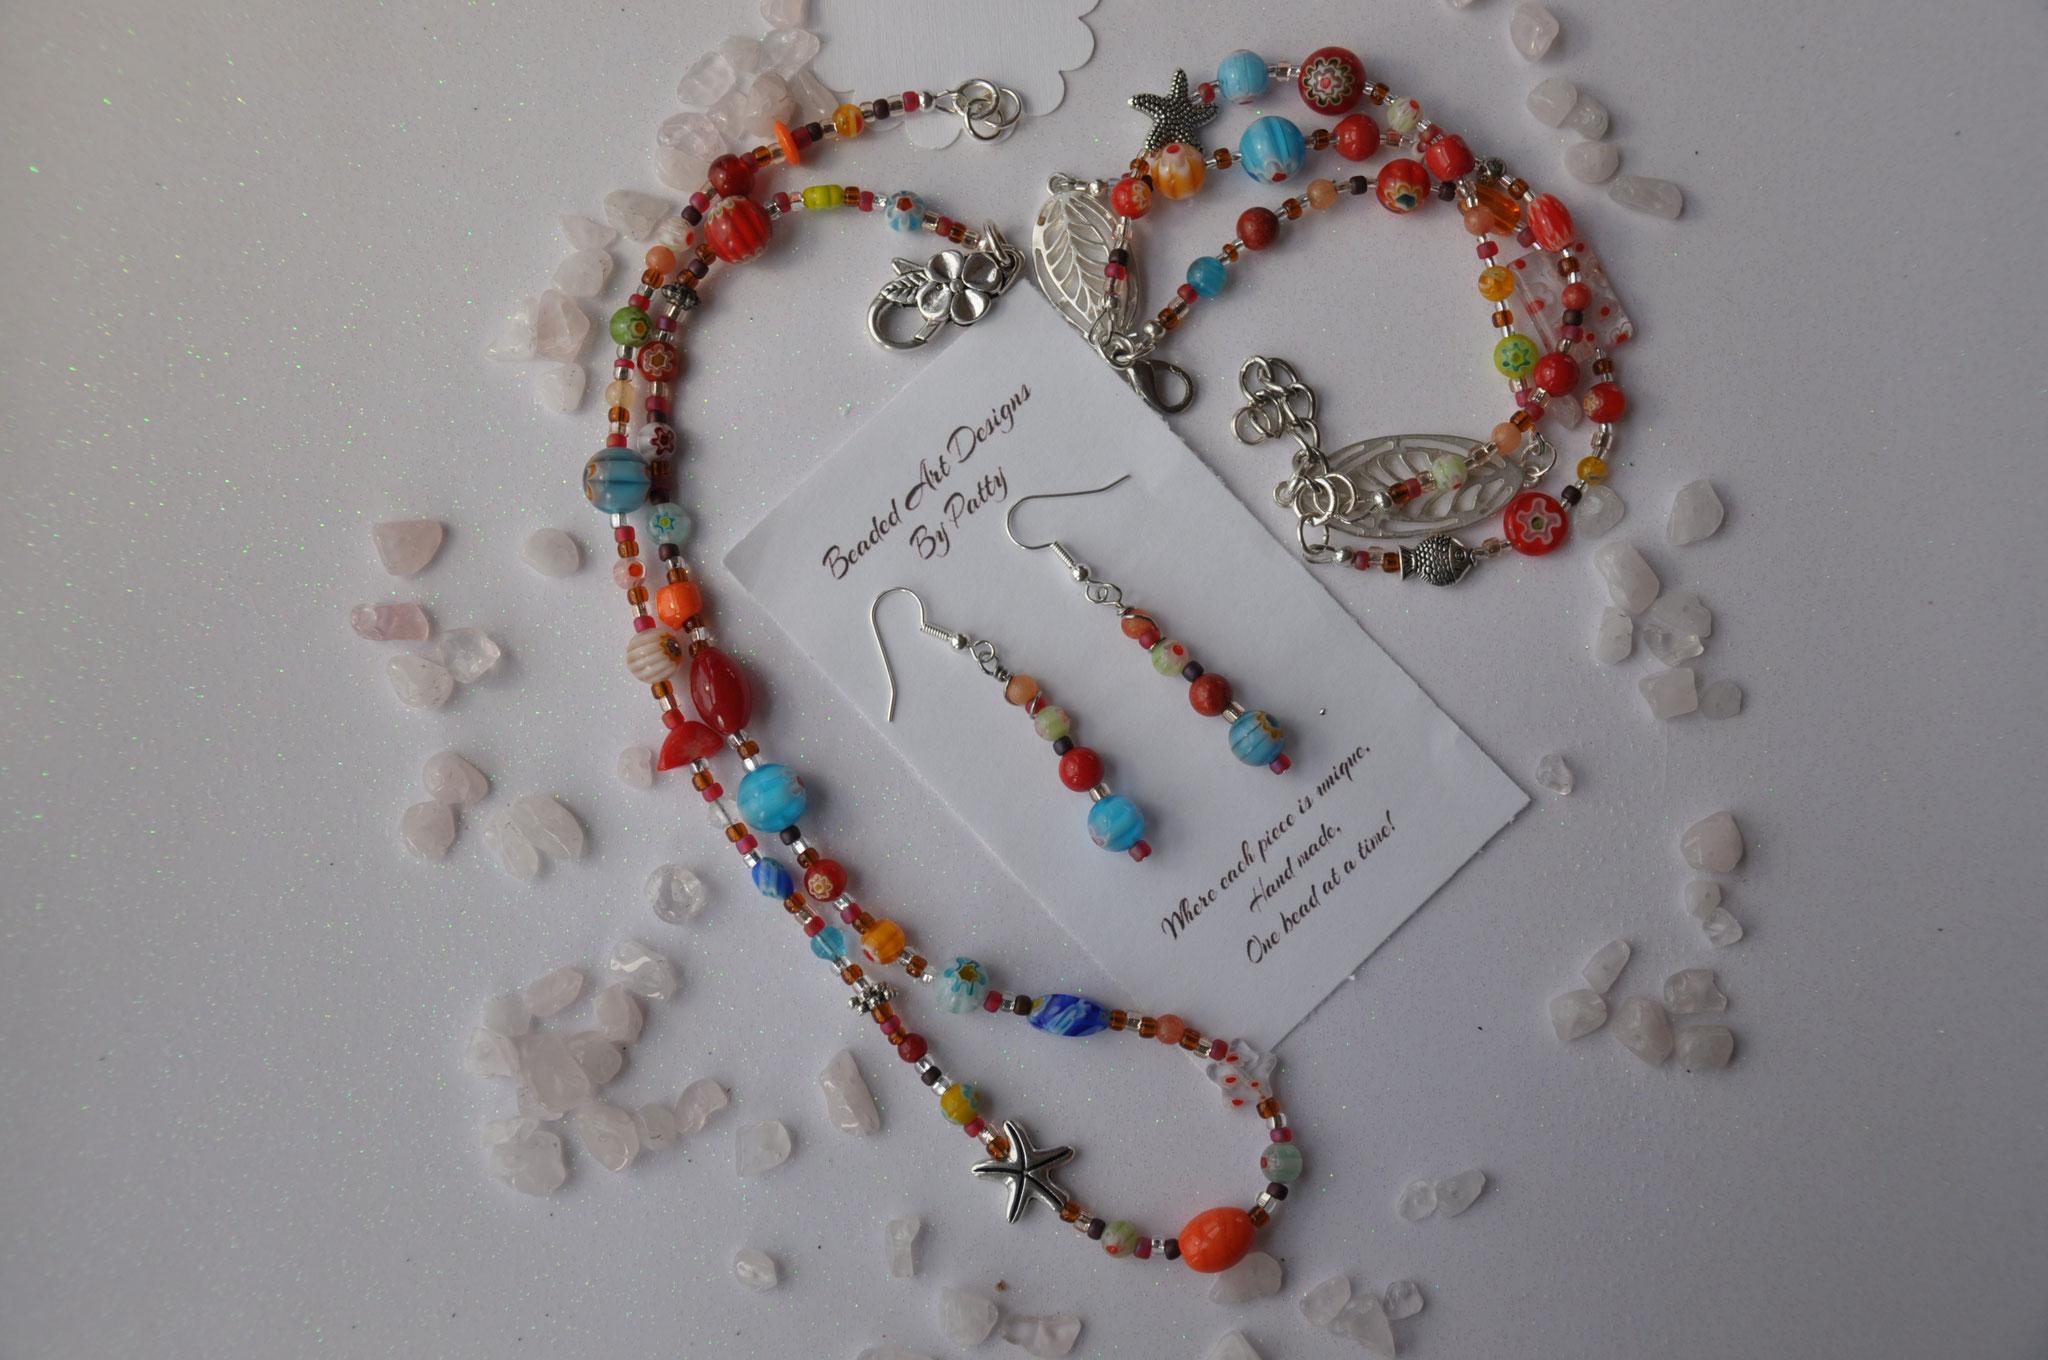 FLOWERS ON BEACH SET triple wrap bracelet 6 1/4 to 8 inch wrist 25- 20 inch necklace 25- Earrings 15-